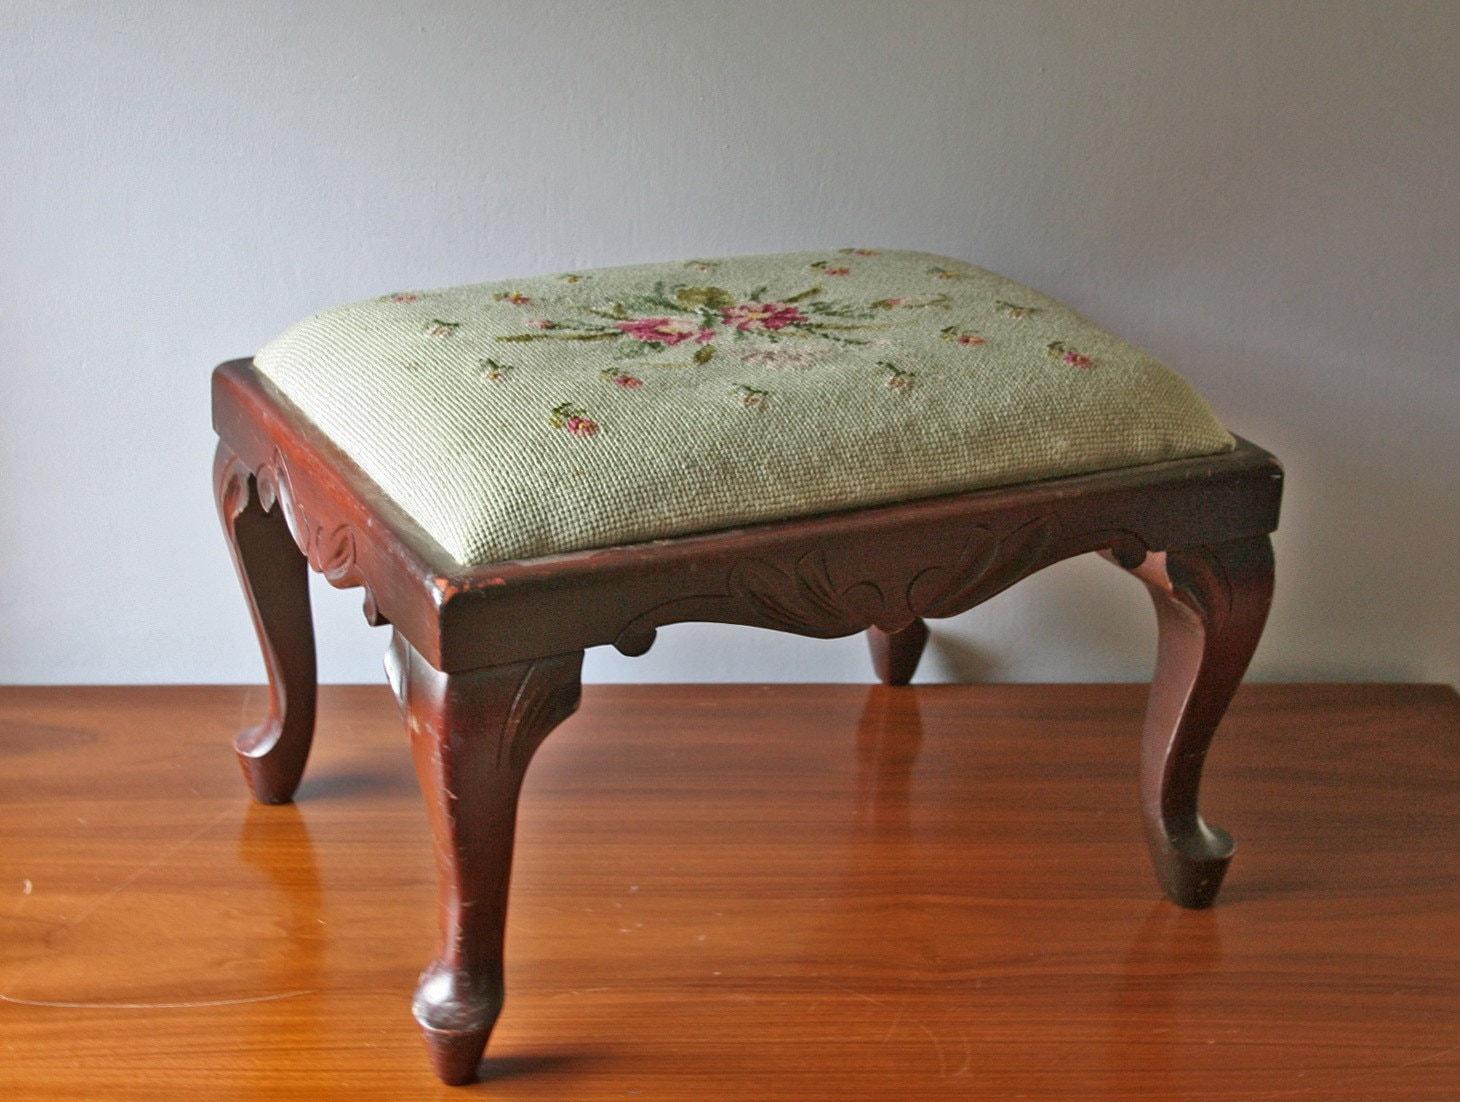 Vintage Needlepoint Footstool